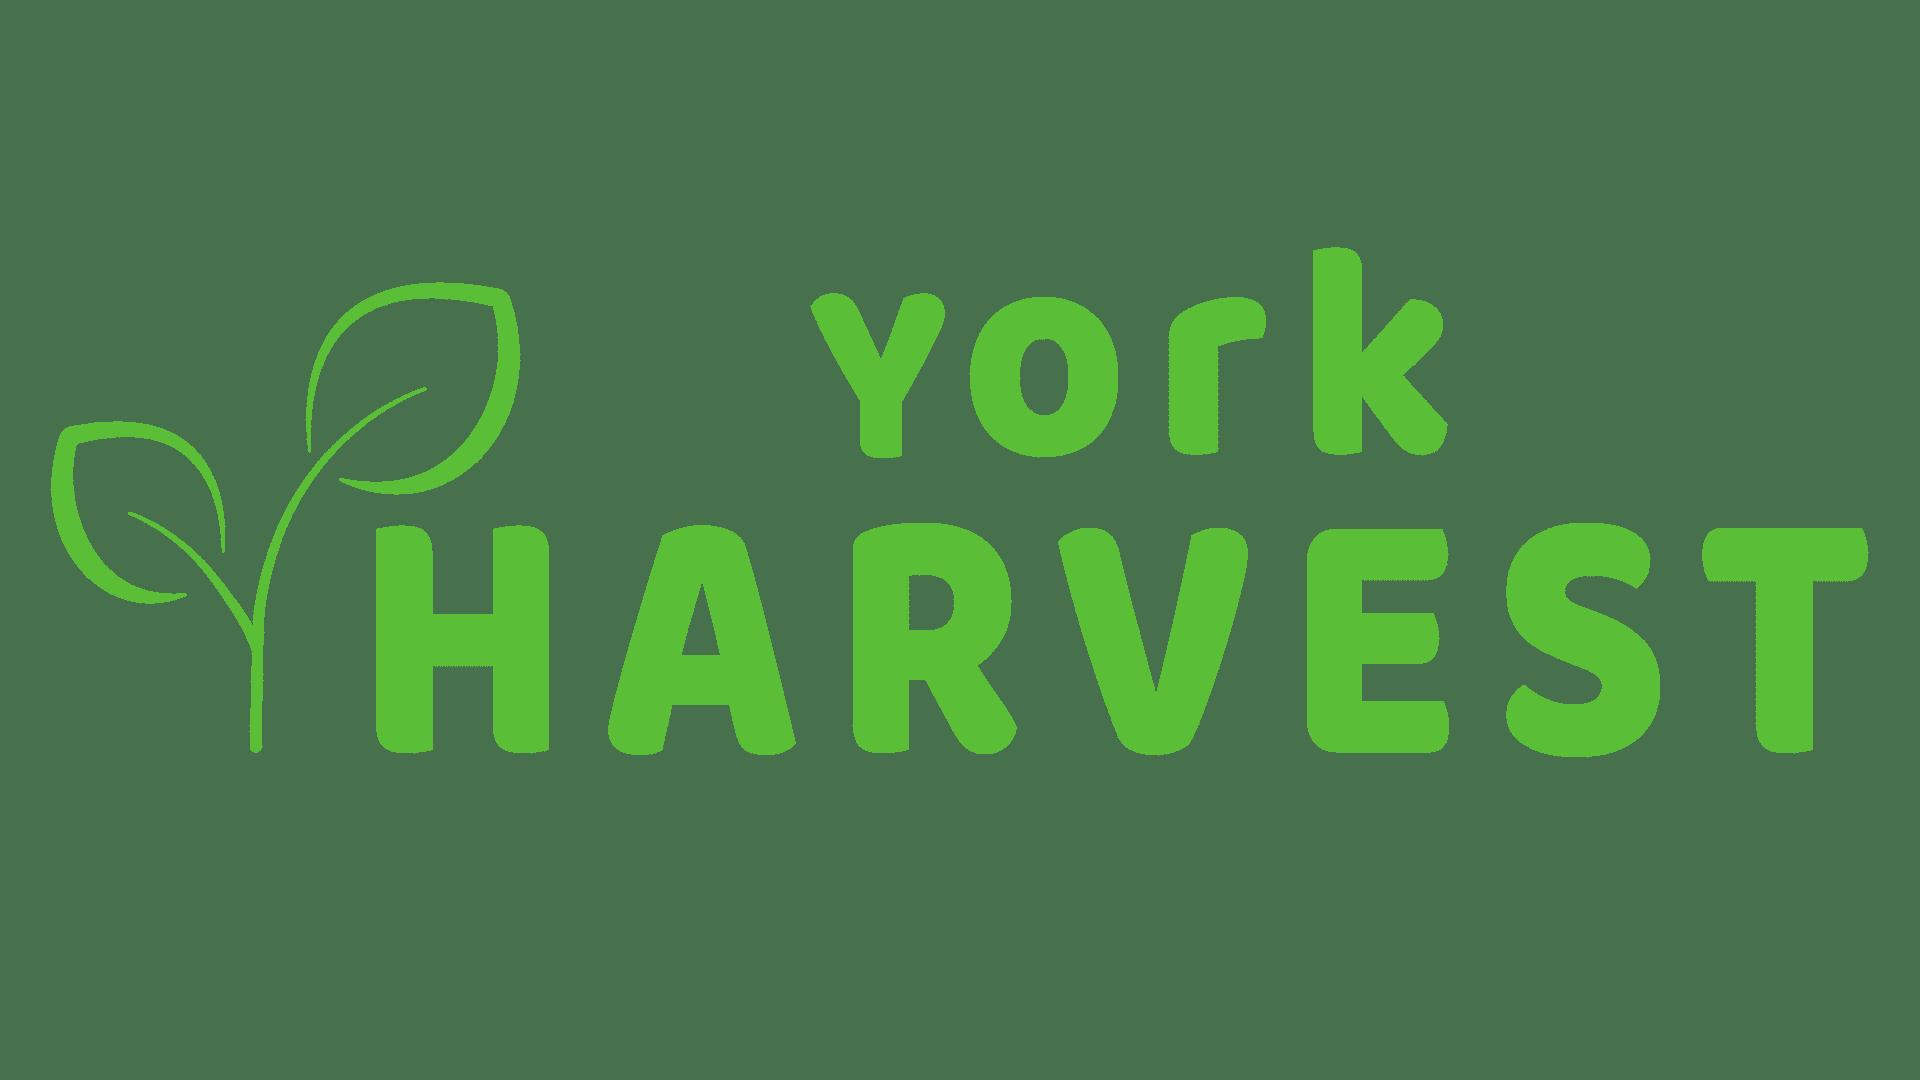 York Harvest